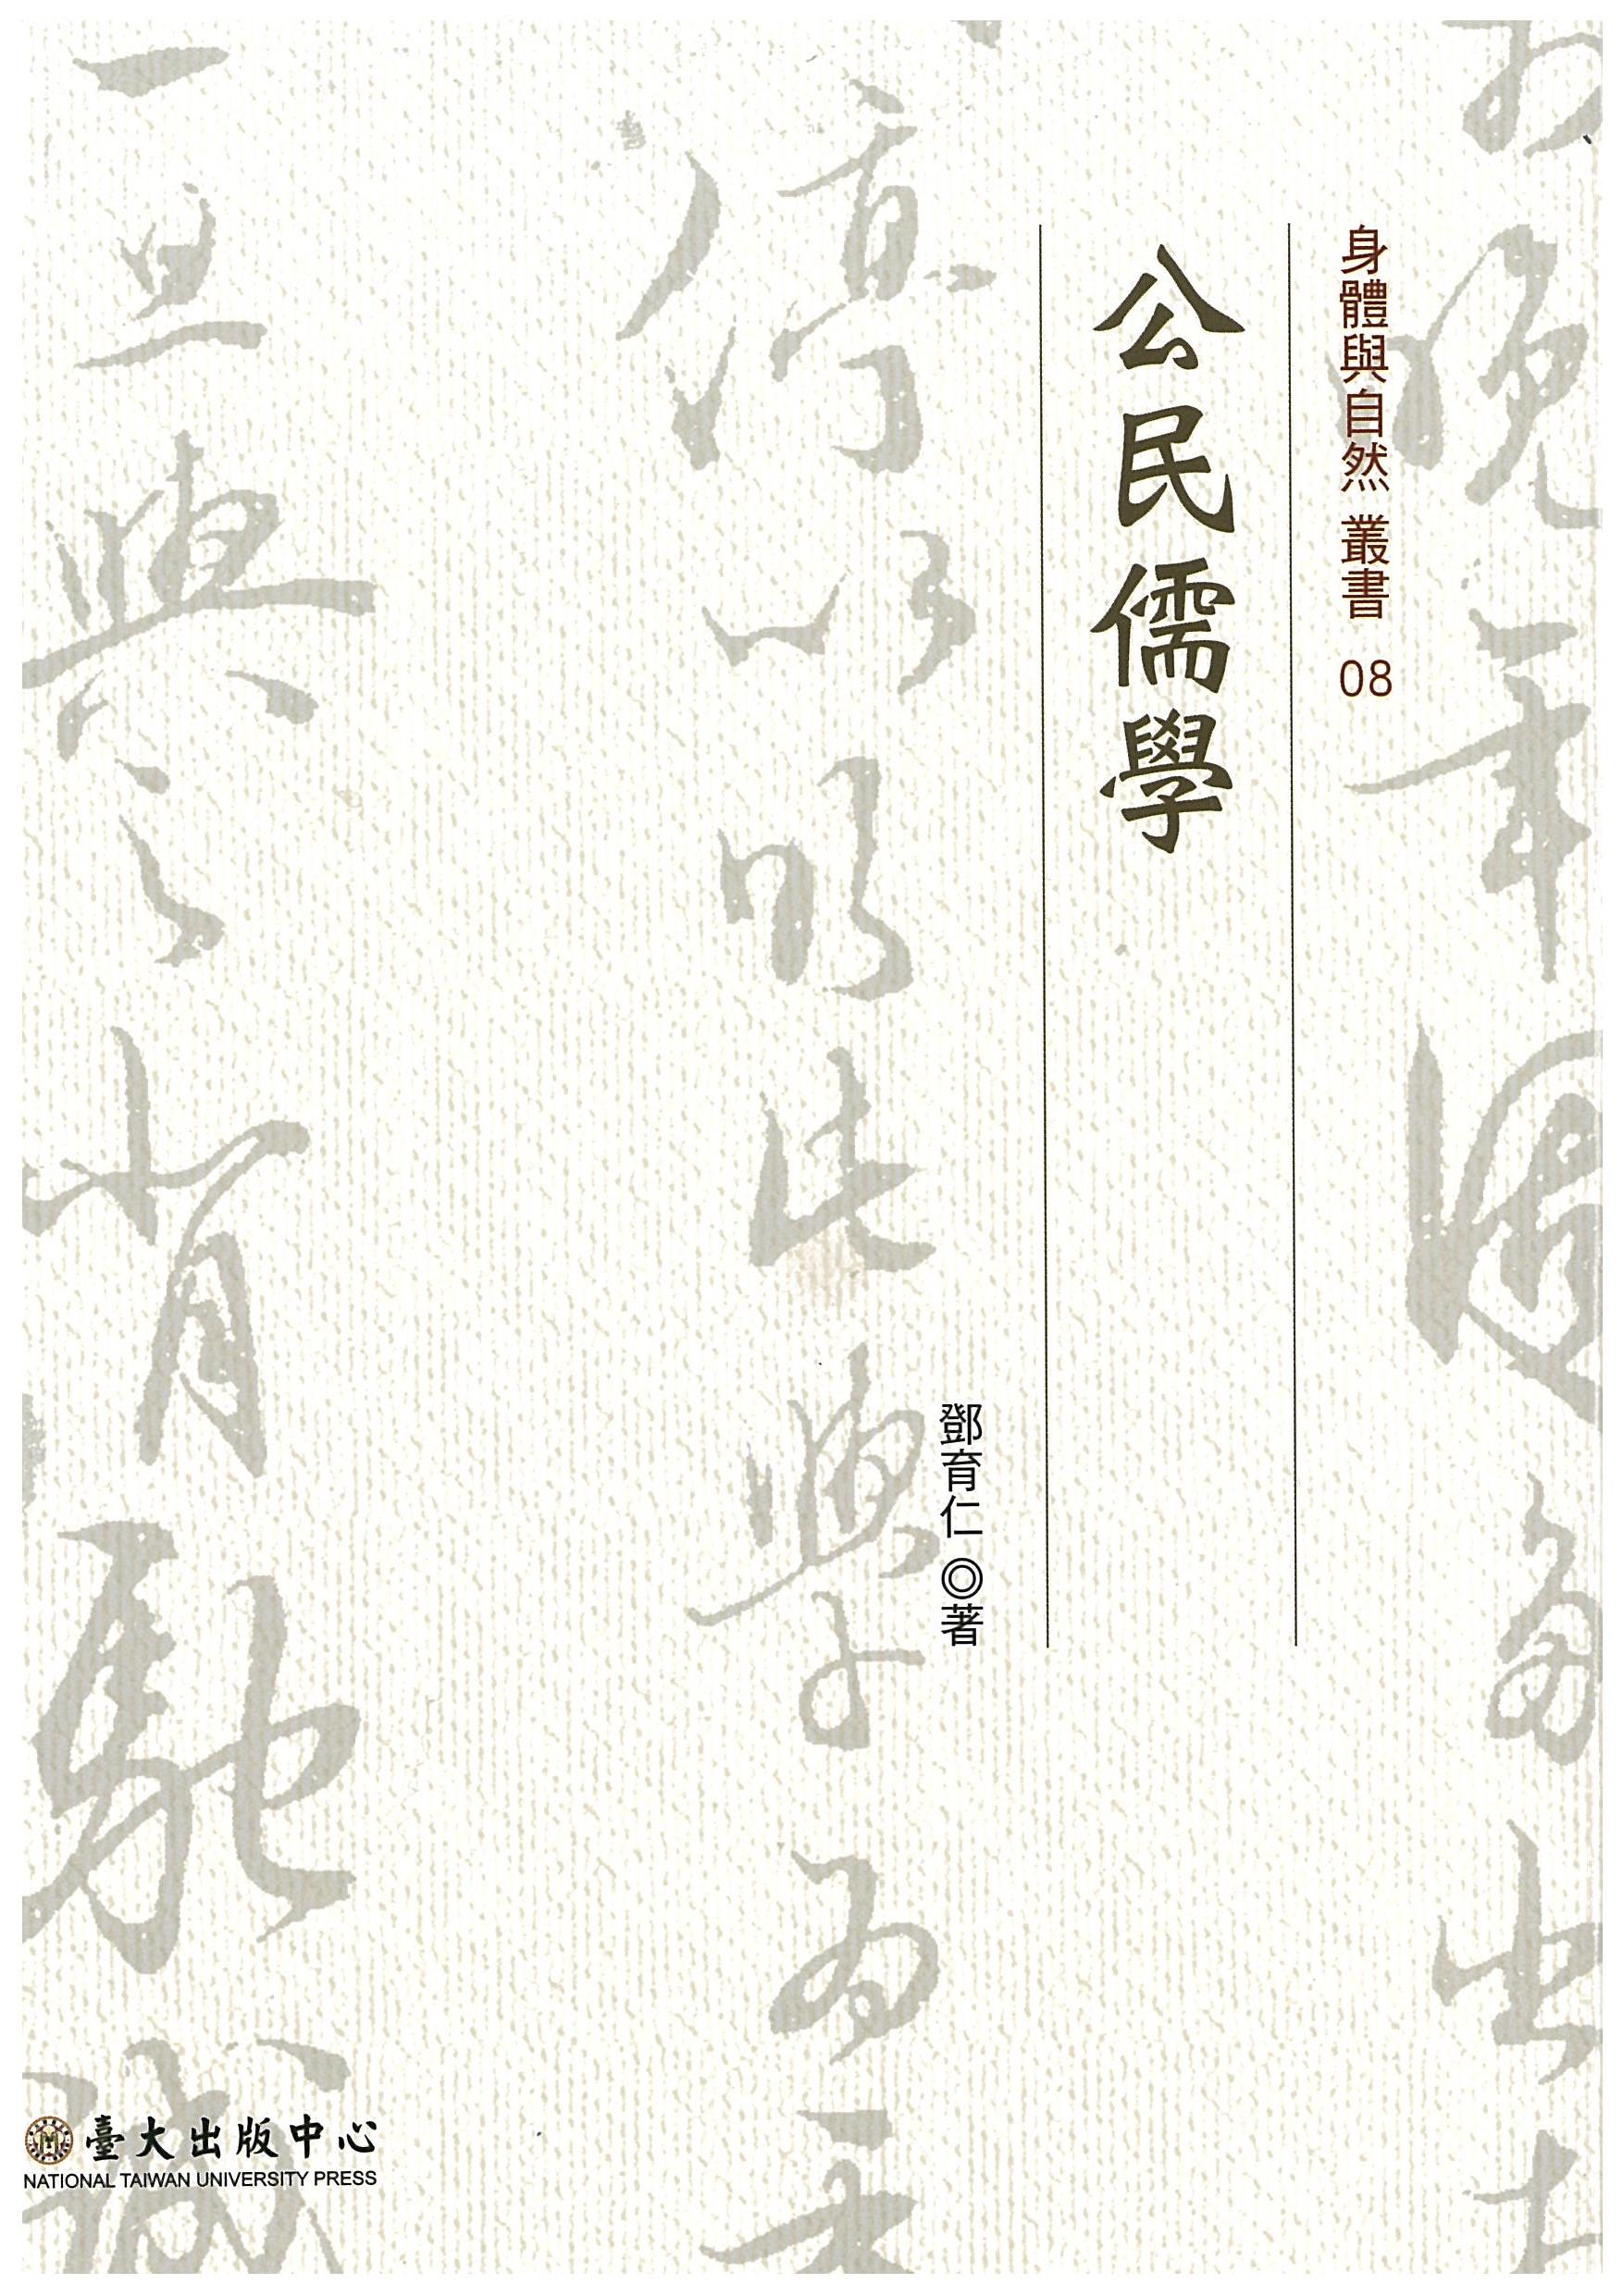 公民儒學 Civic Confucianism